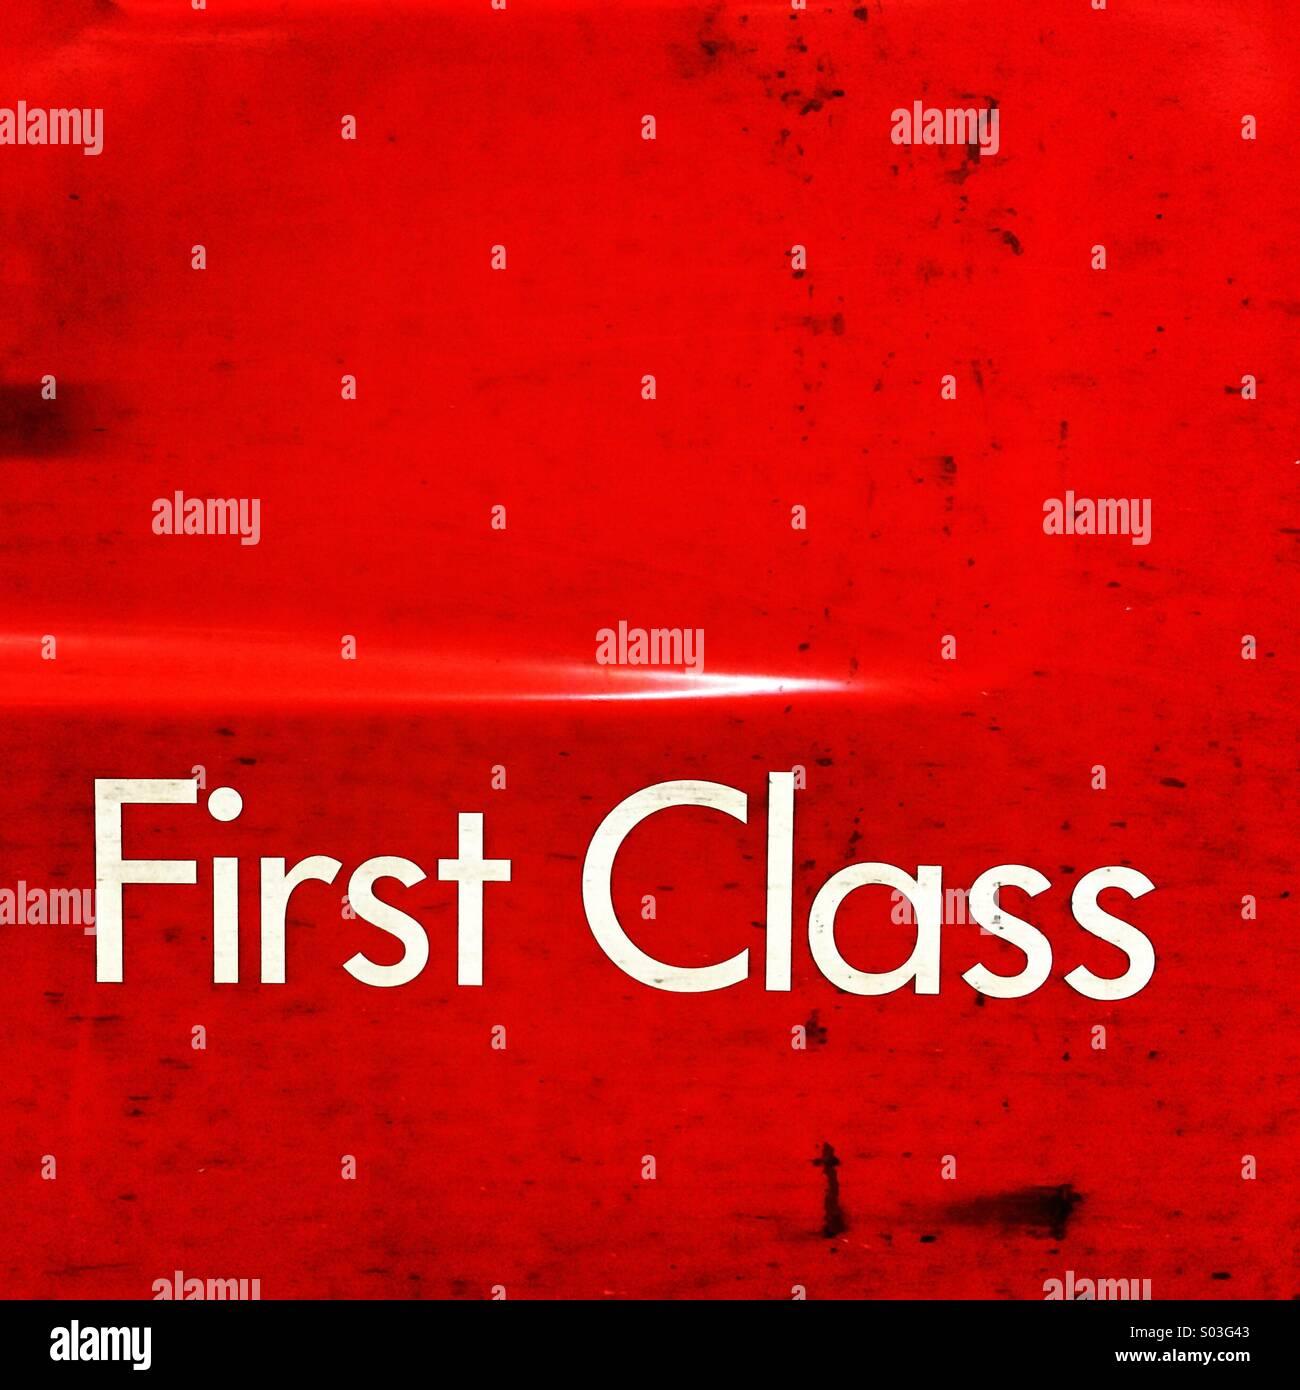 Première Classe enseigne sur un train rouge sale porte. Banque D'Images